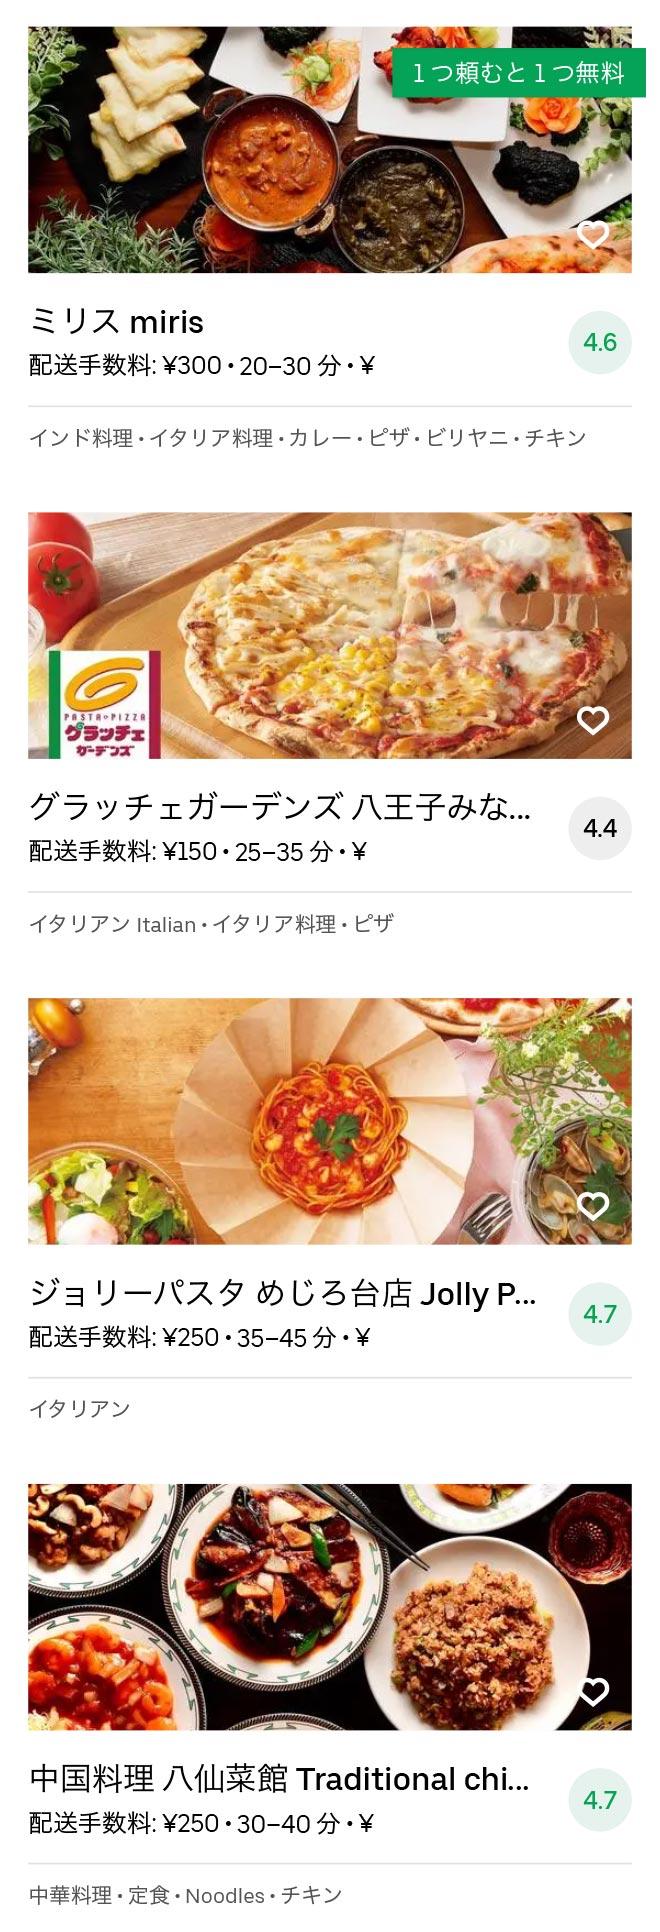 Hatioji minamino menu 2010 07